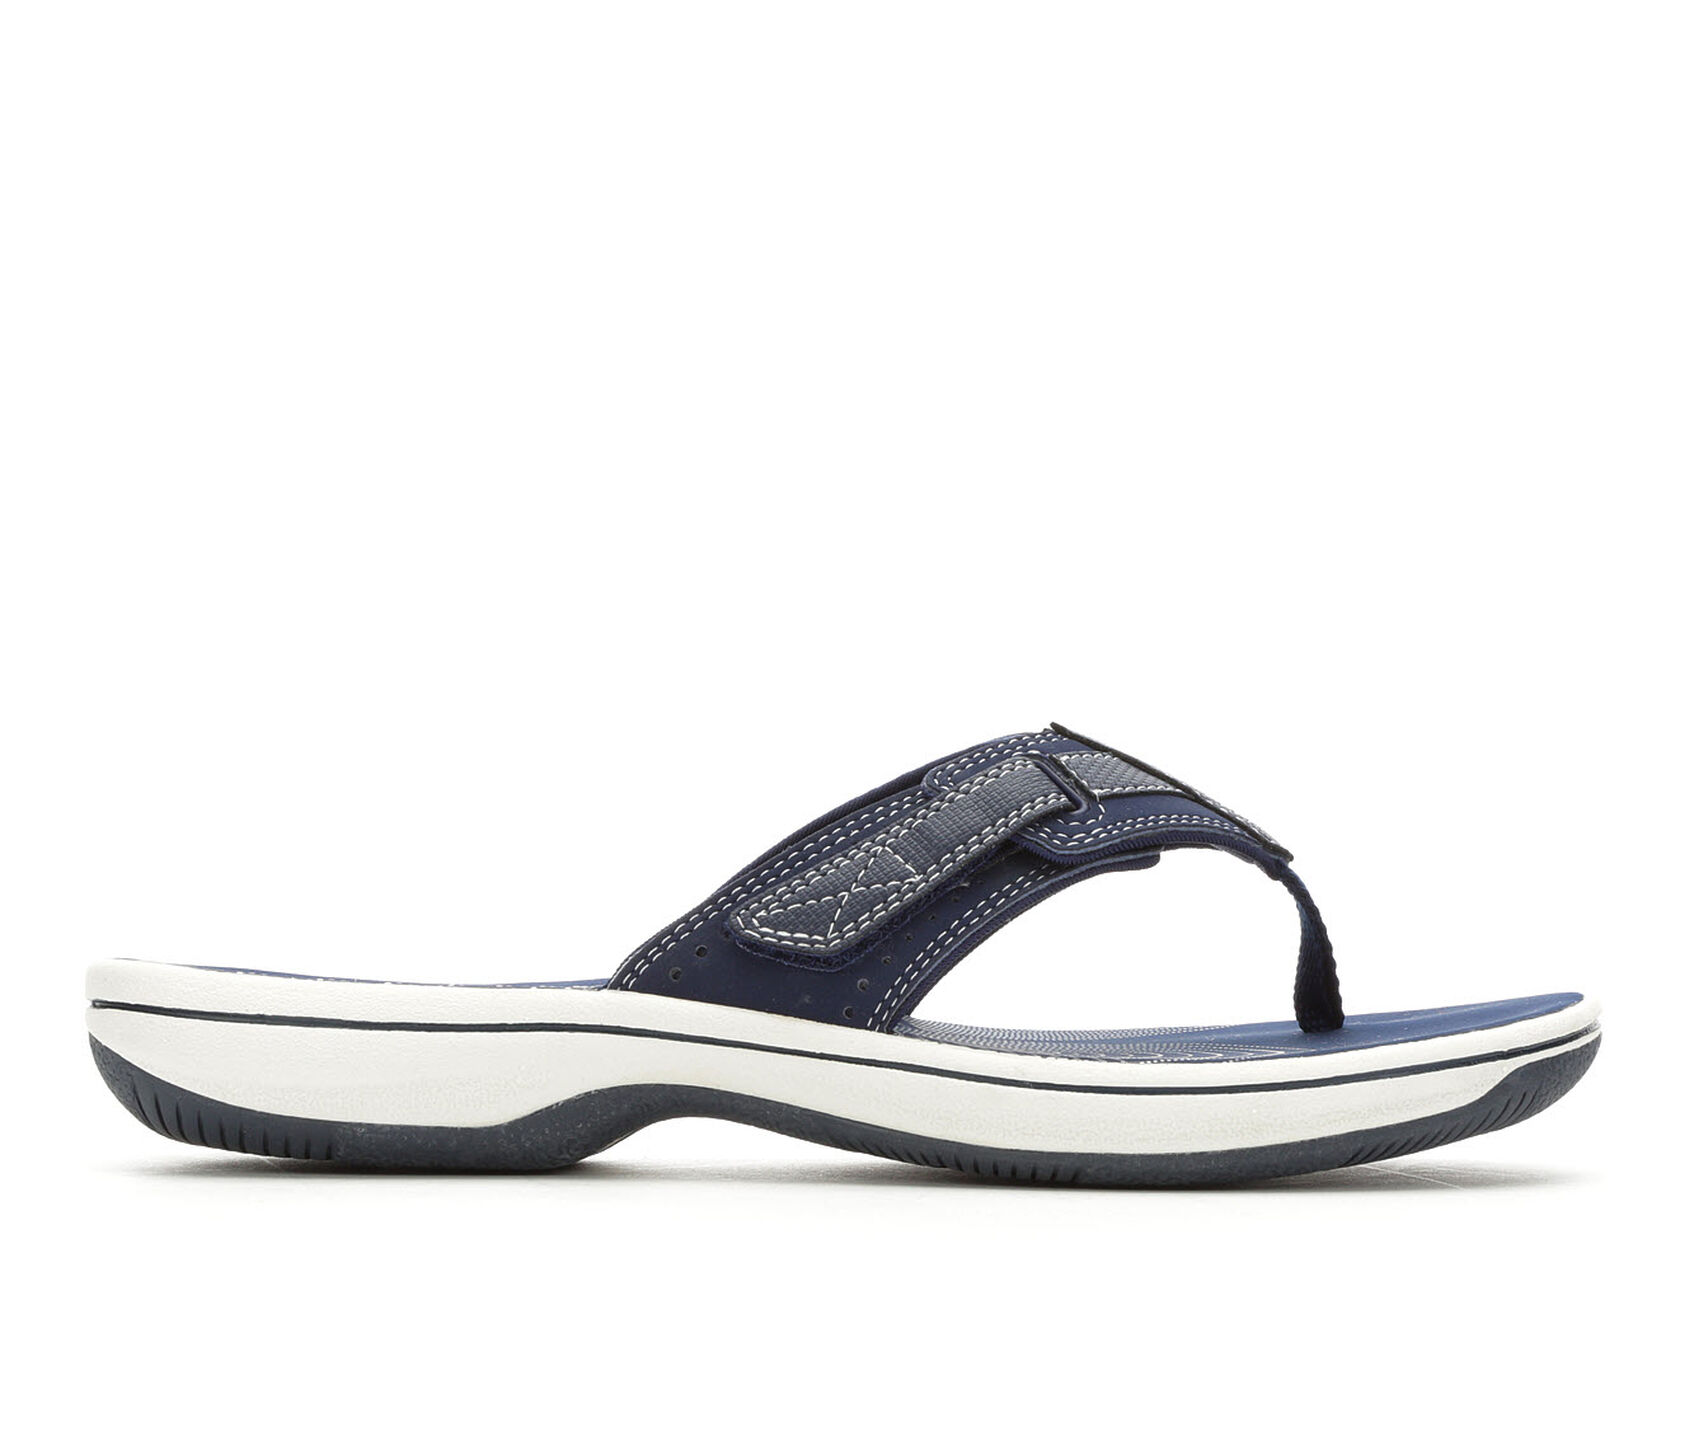 7bf493318 Women's Clarks Brinkley Reef Sandals | Shoe Carnival